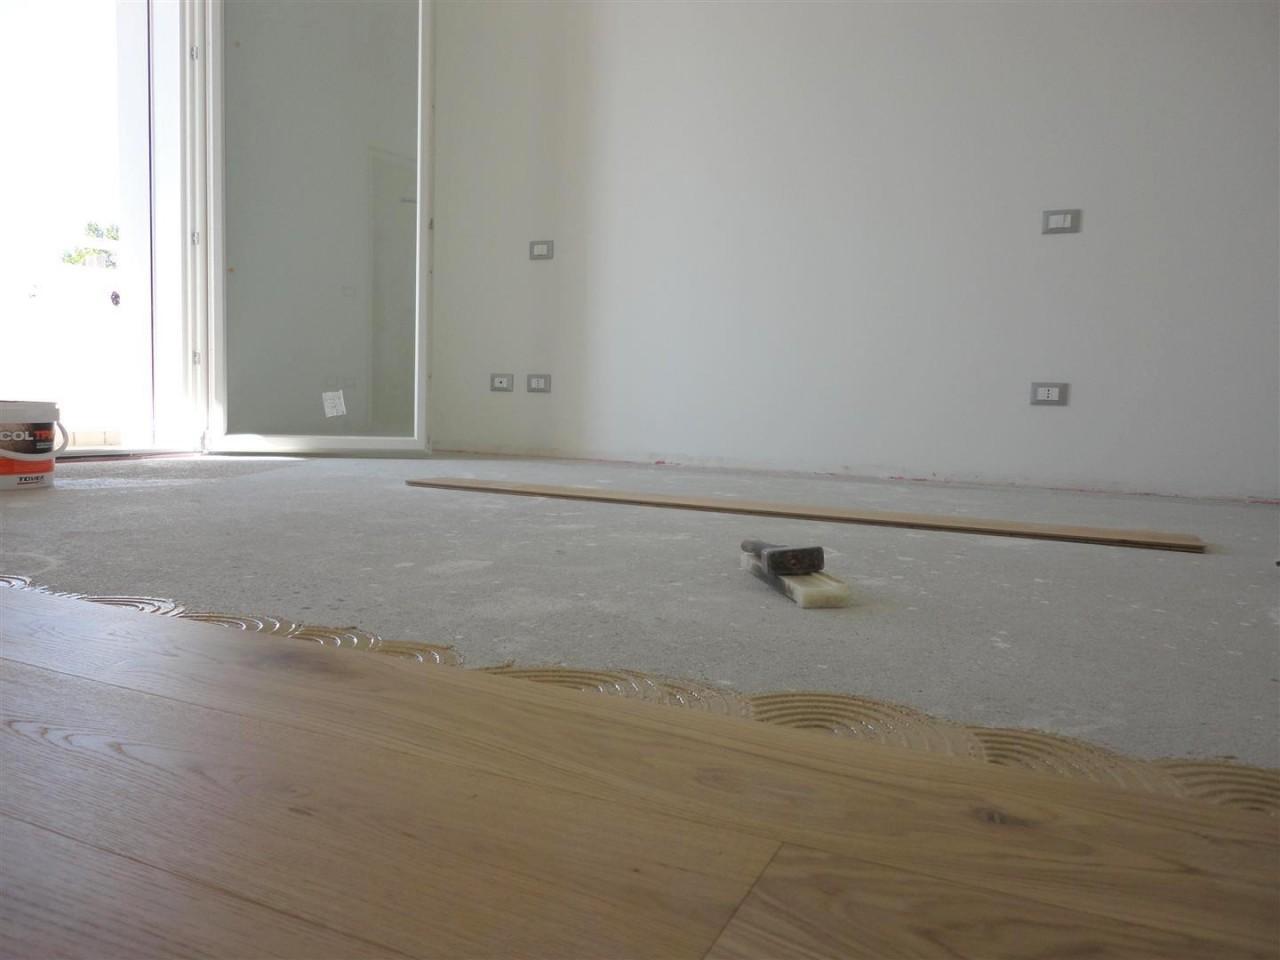 D278 Nuovo appartamento tricamere su due livelli in vendita ad Albignasego https://media.gestionaleimmobiliare.it/foto/annunci/190917/2070775/1280x1280/003__03_soggiorno.jpg